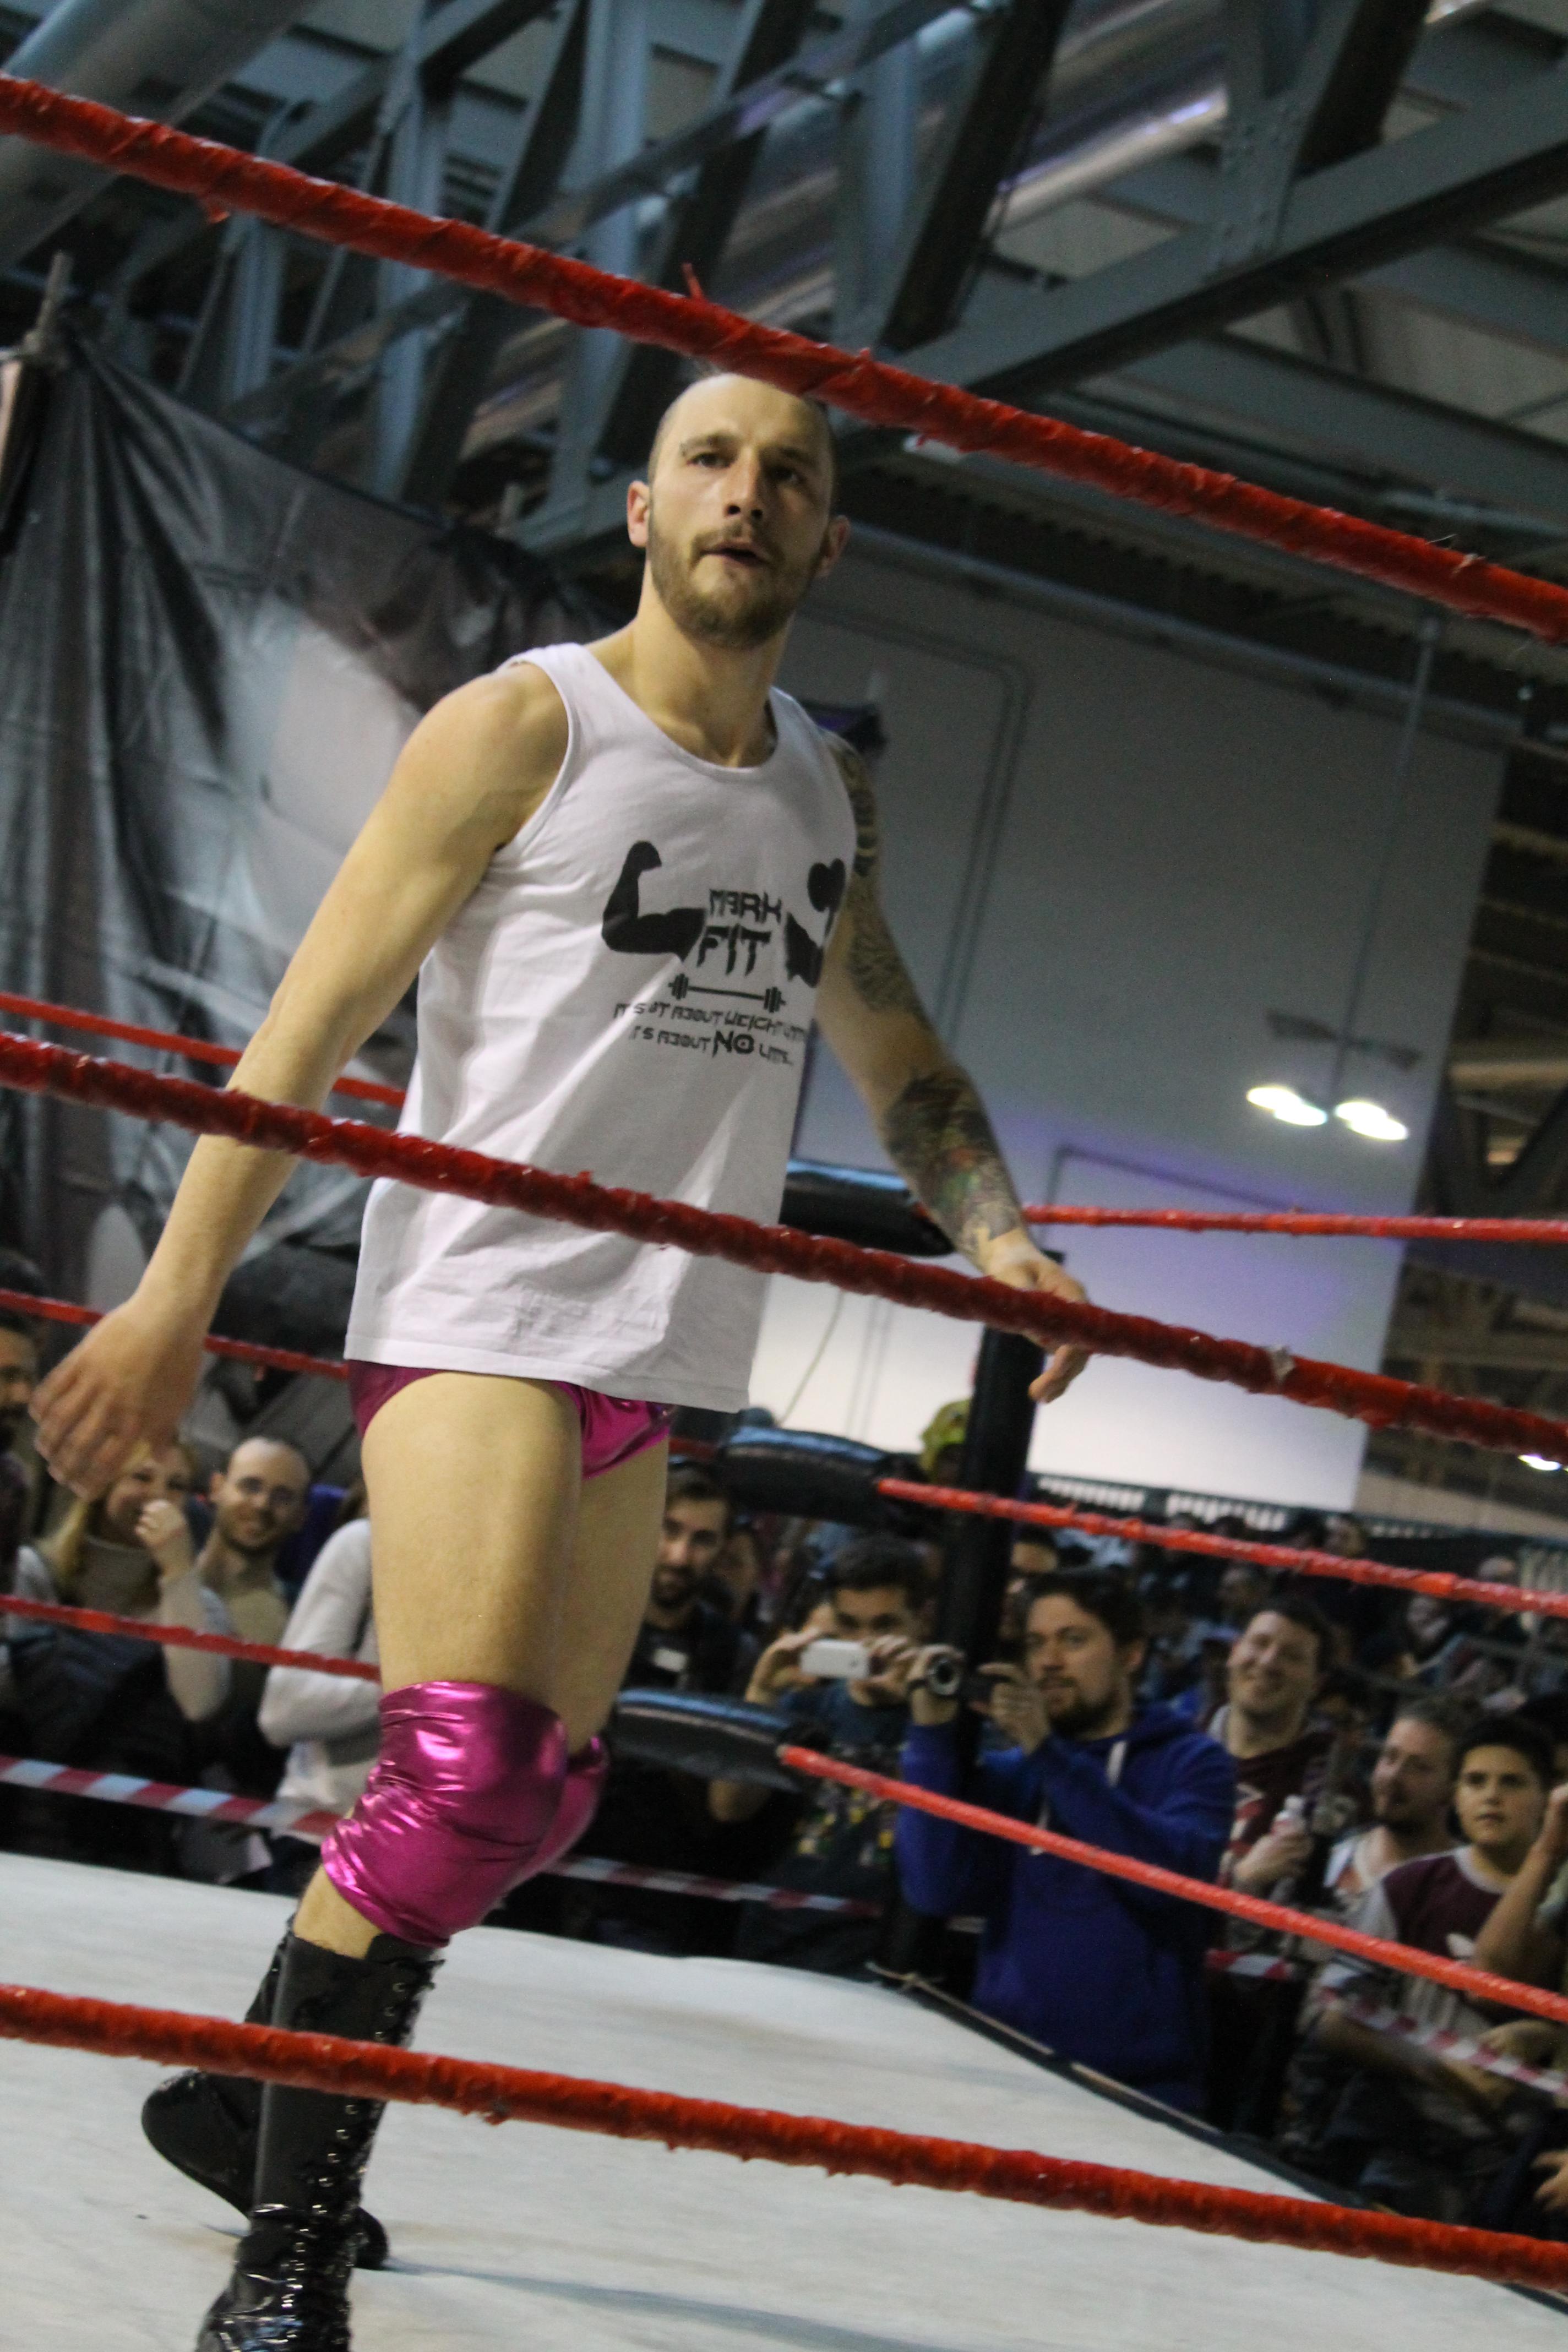 In un match triangolare con alcuni dei migliori pesi leggeri in ICW, Mark Fit si riconferma al top della sua forma